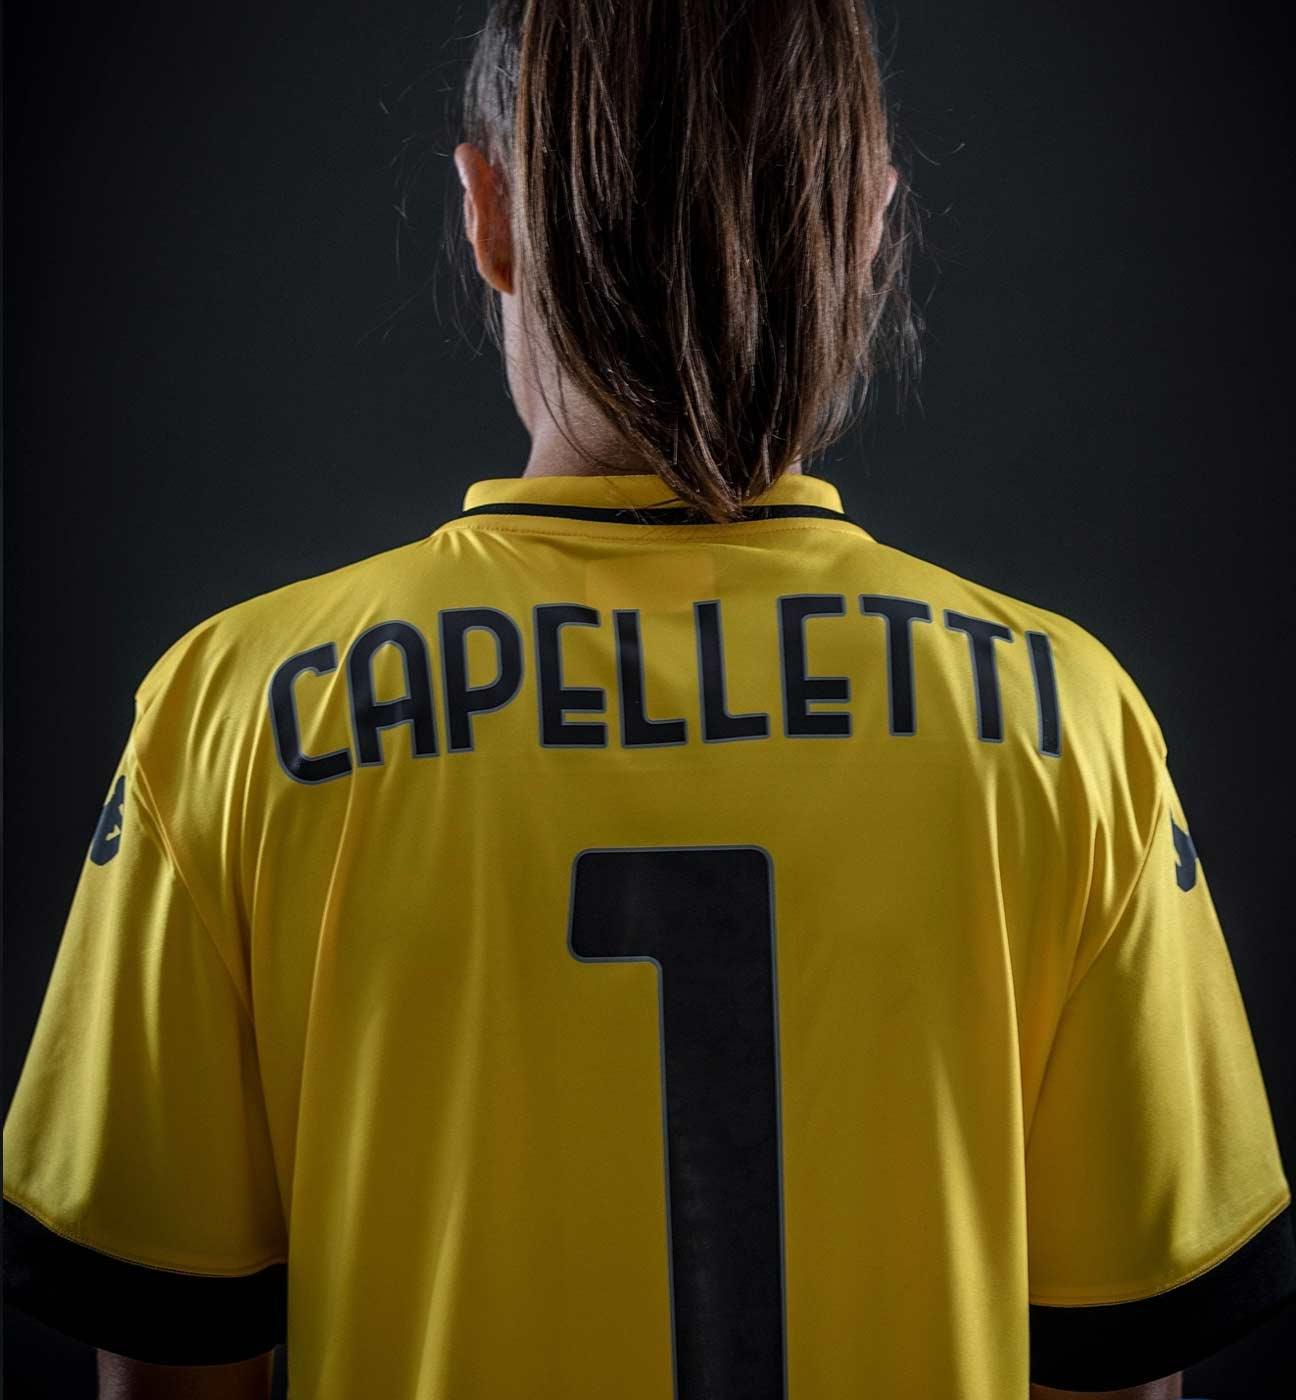 Capelletti maglia Empoli portiere